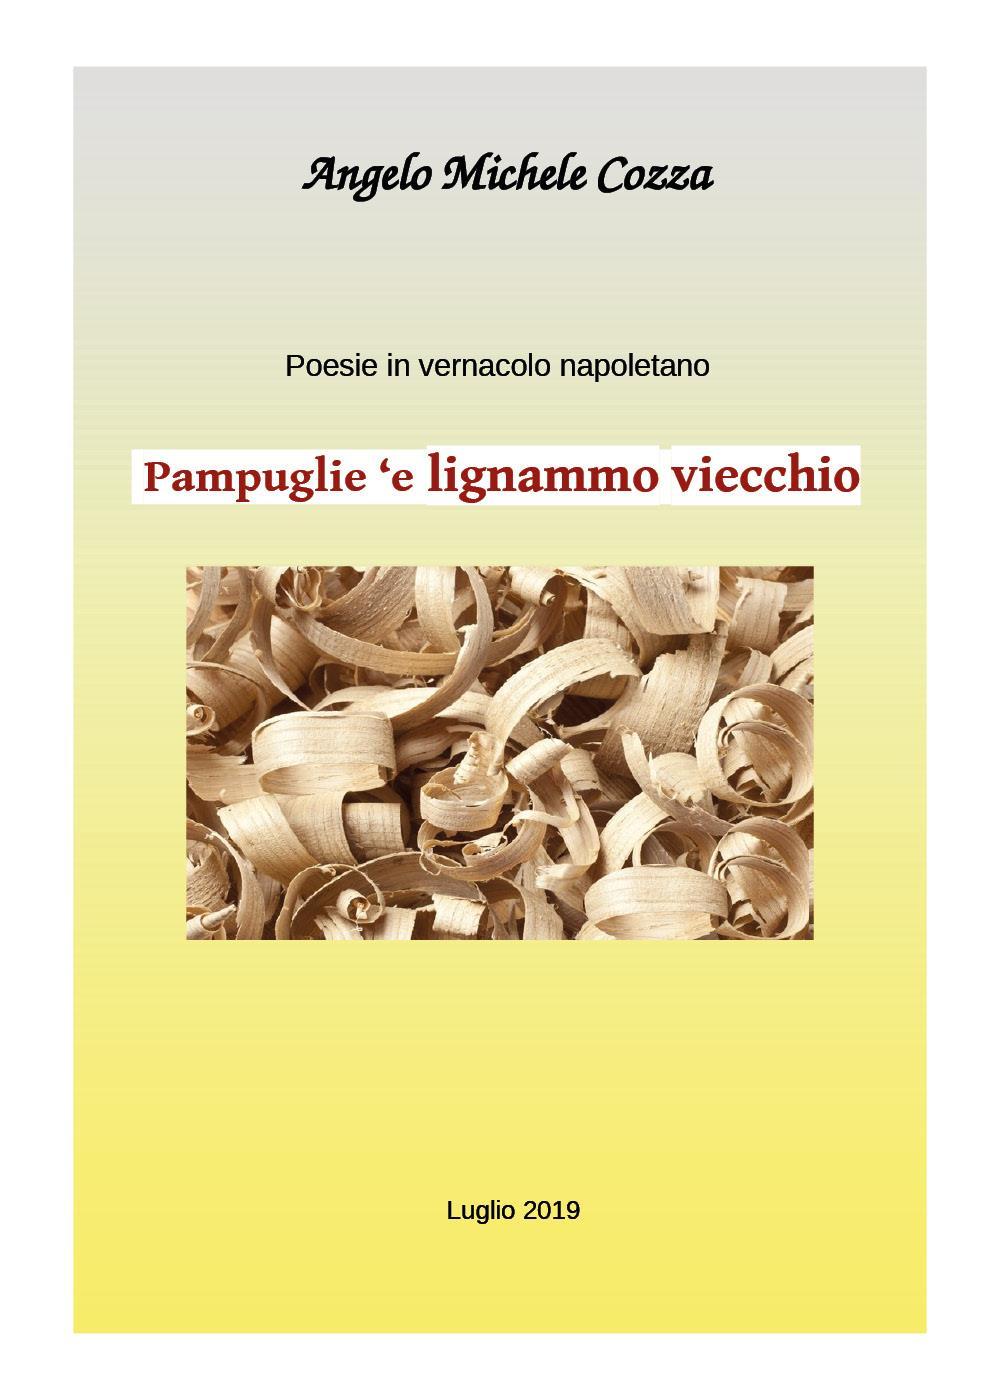 Poesie in vernacolo - Pampuglie 'e lignammo viecchio